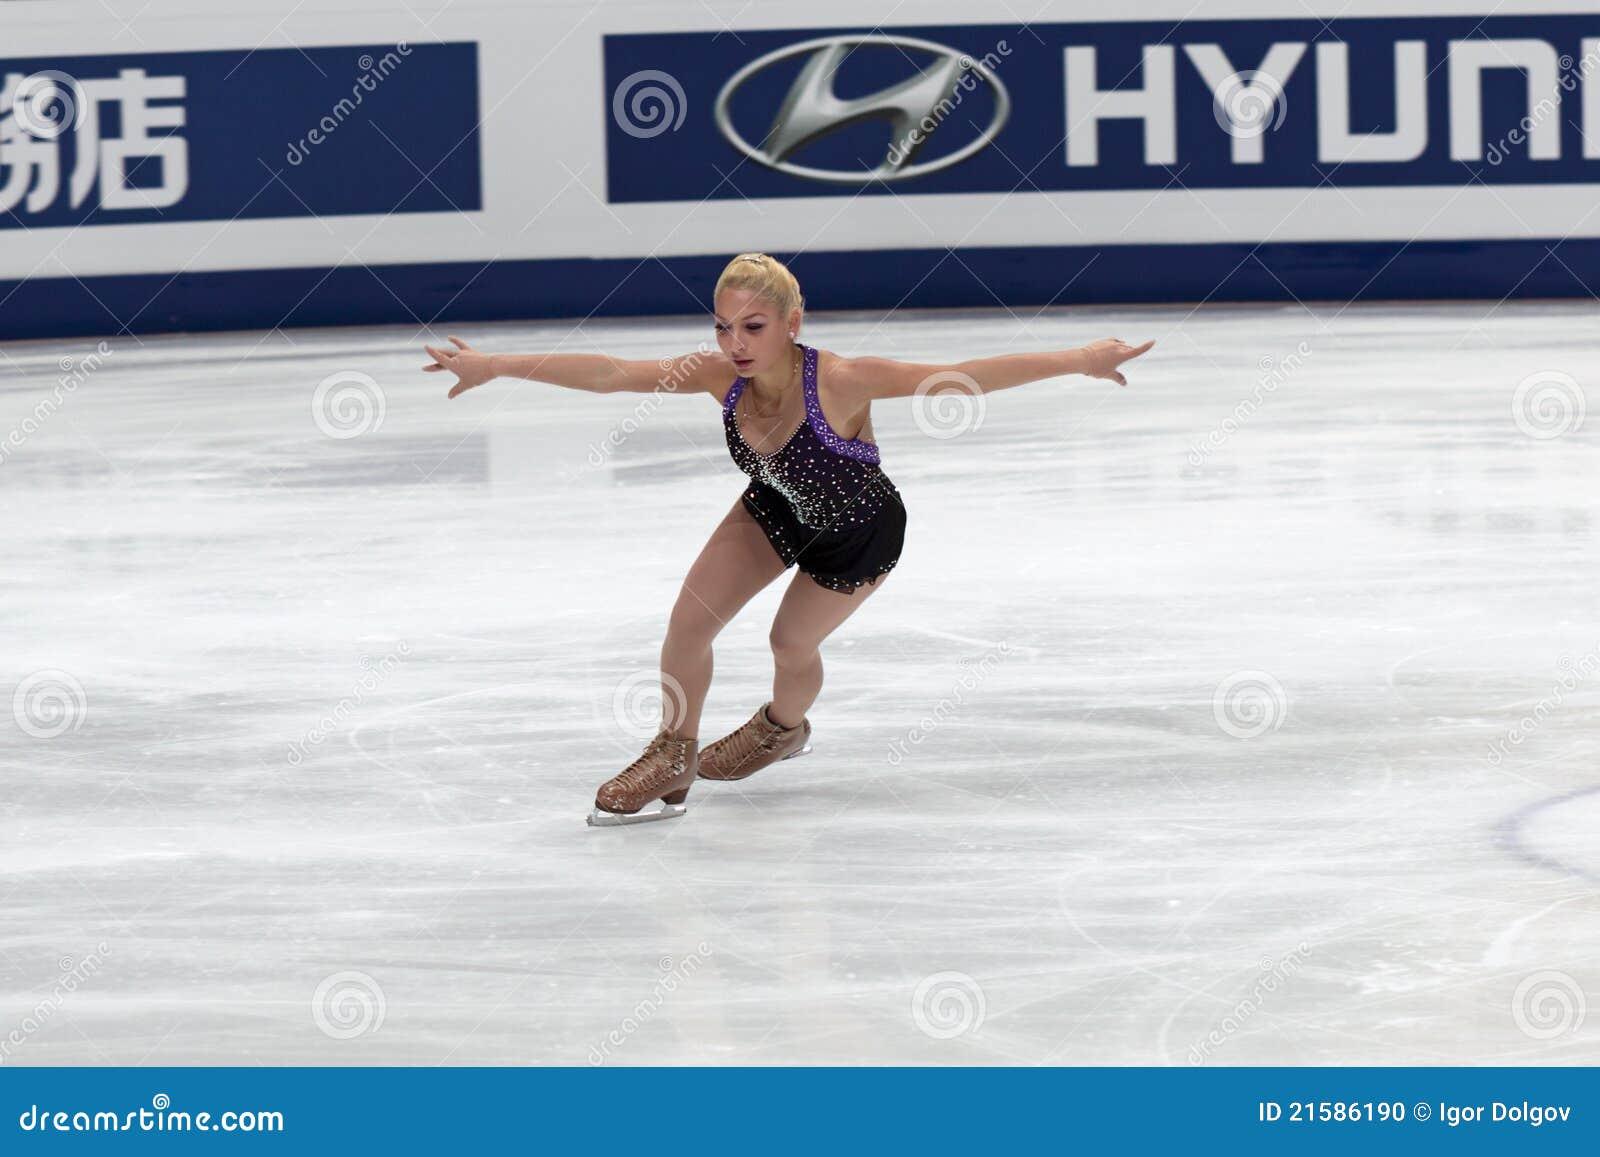 Moscow idaho singles events